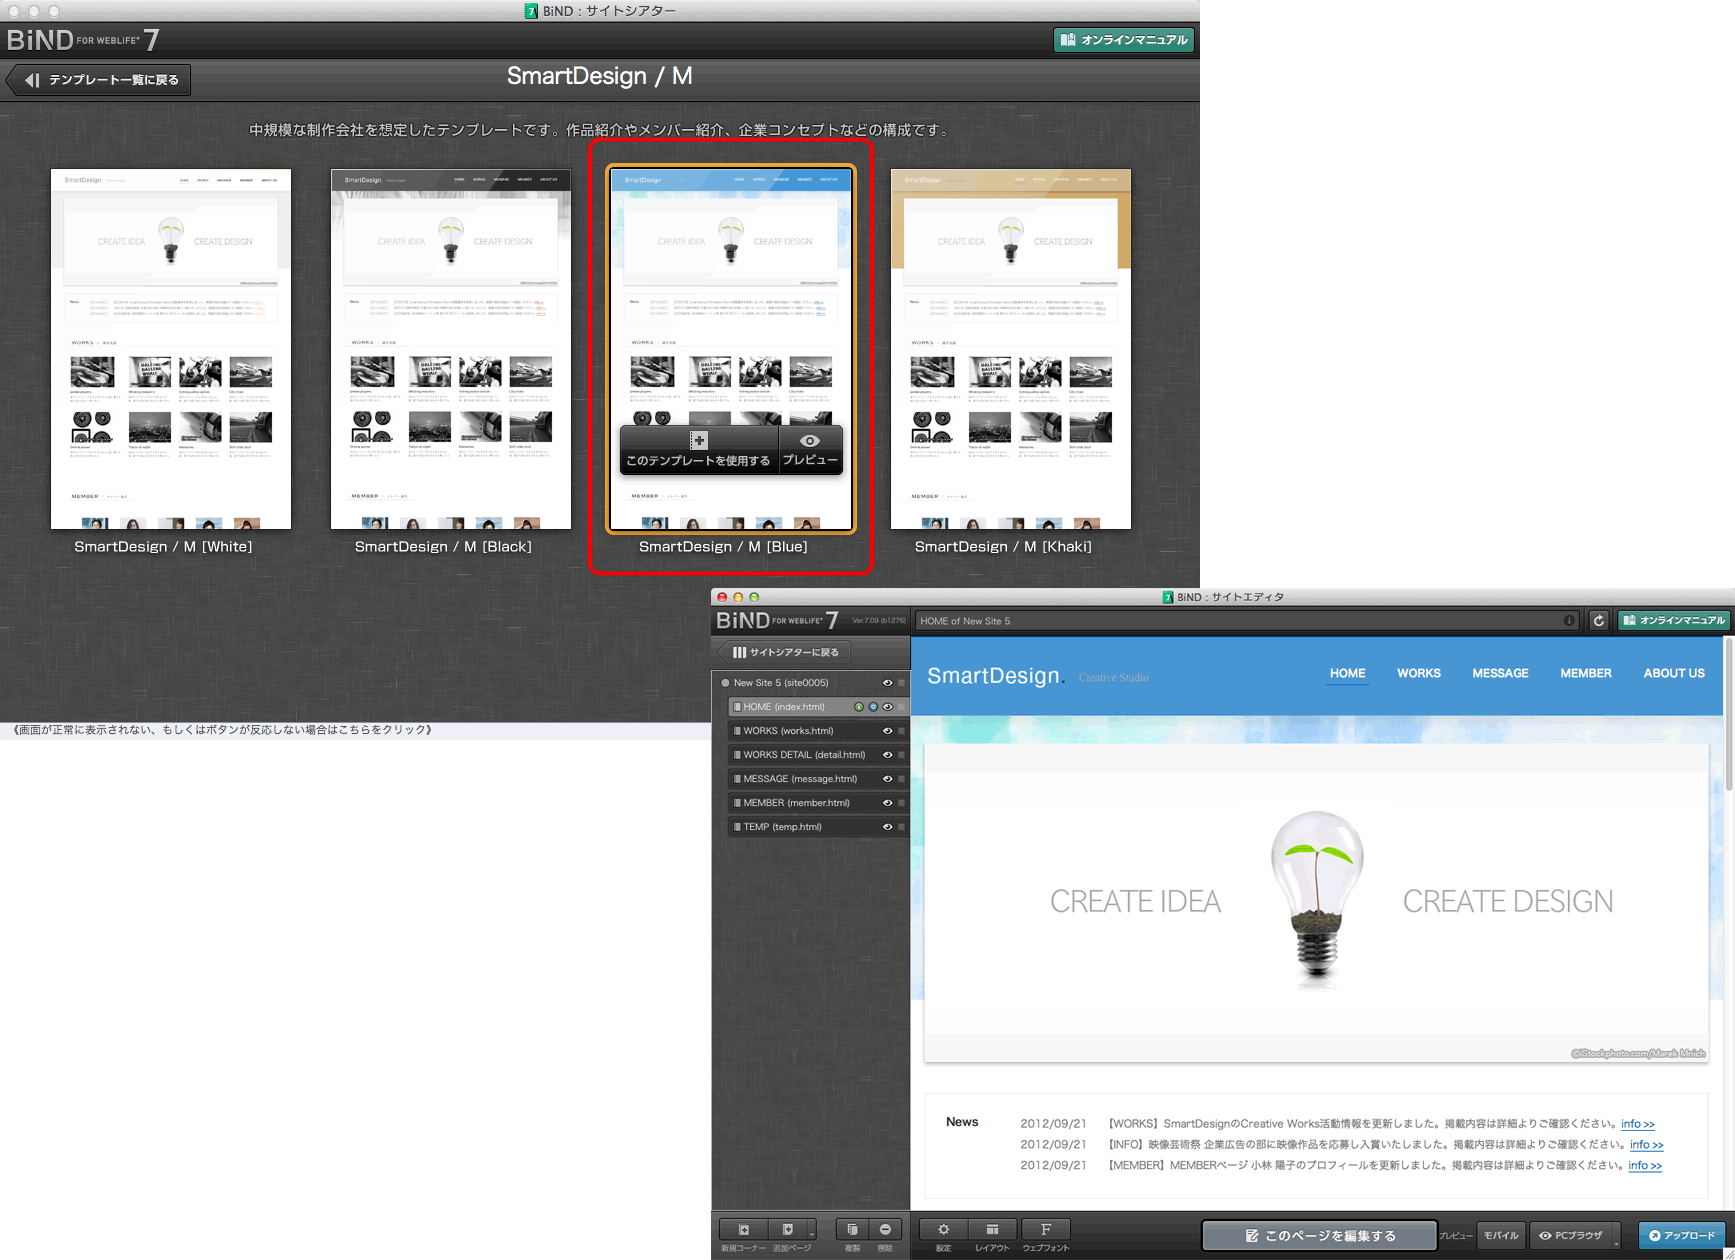 ベスト 美しい html デザイン ツール | 9824